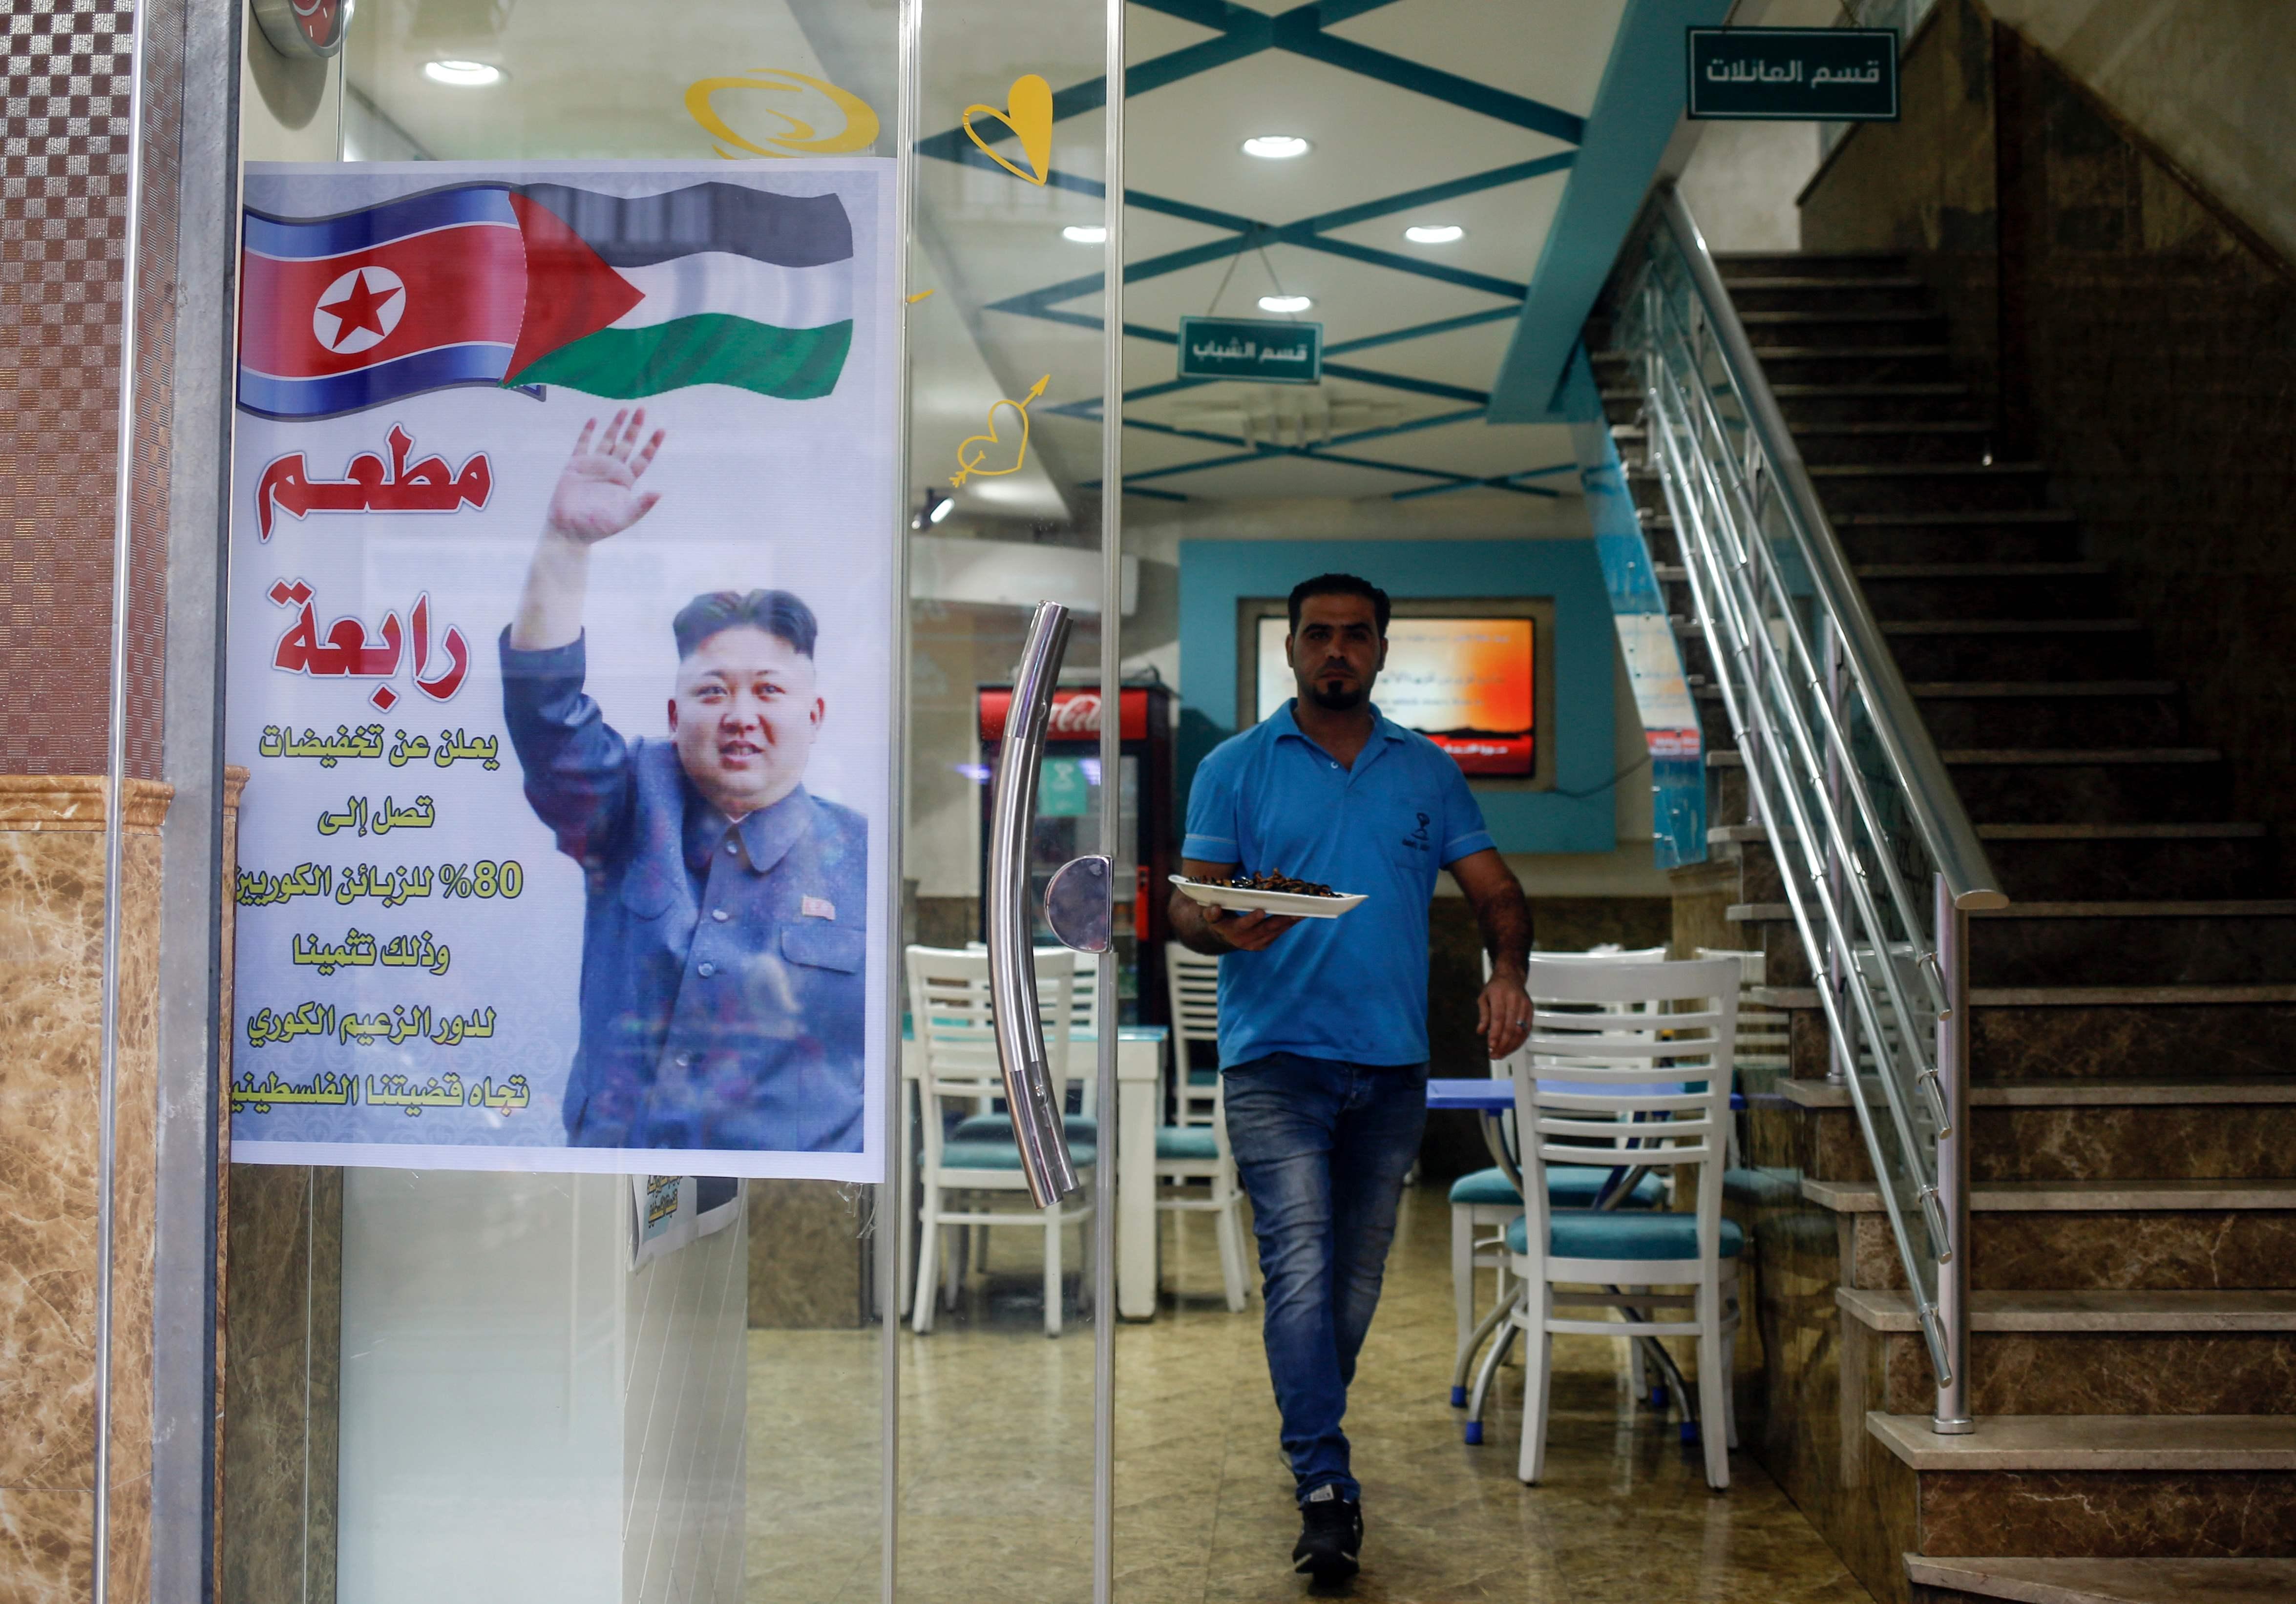 """بسبب """"معارضتها قرار ترامب"""": مطعم في غزة يقدم حسماً بقيمة 80% لمواطني كوريا الشمالية"""